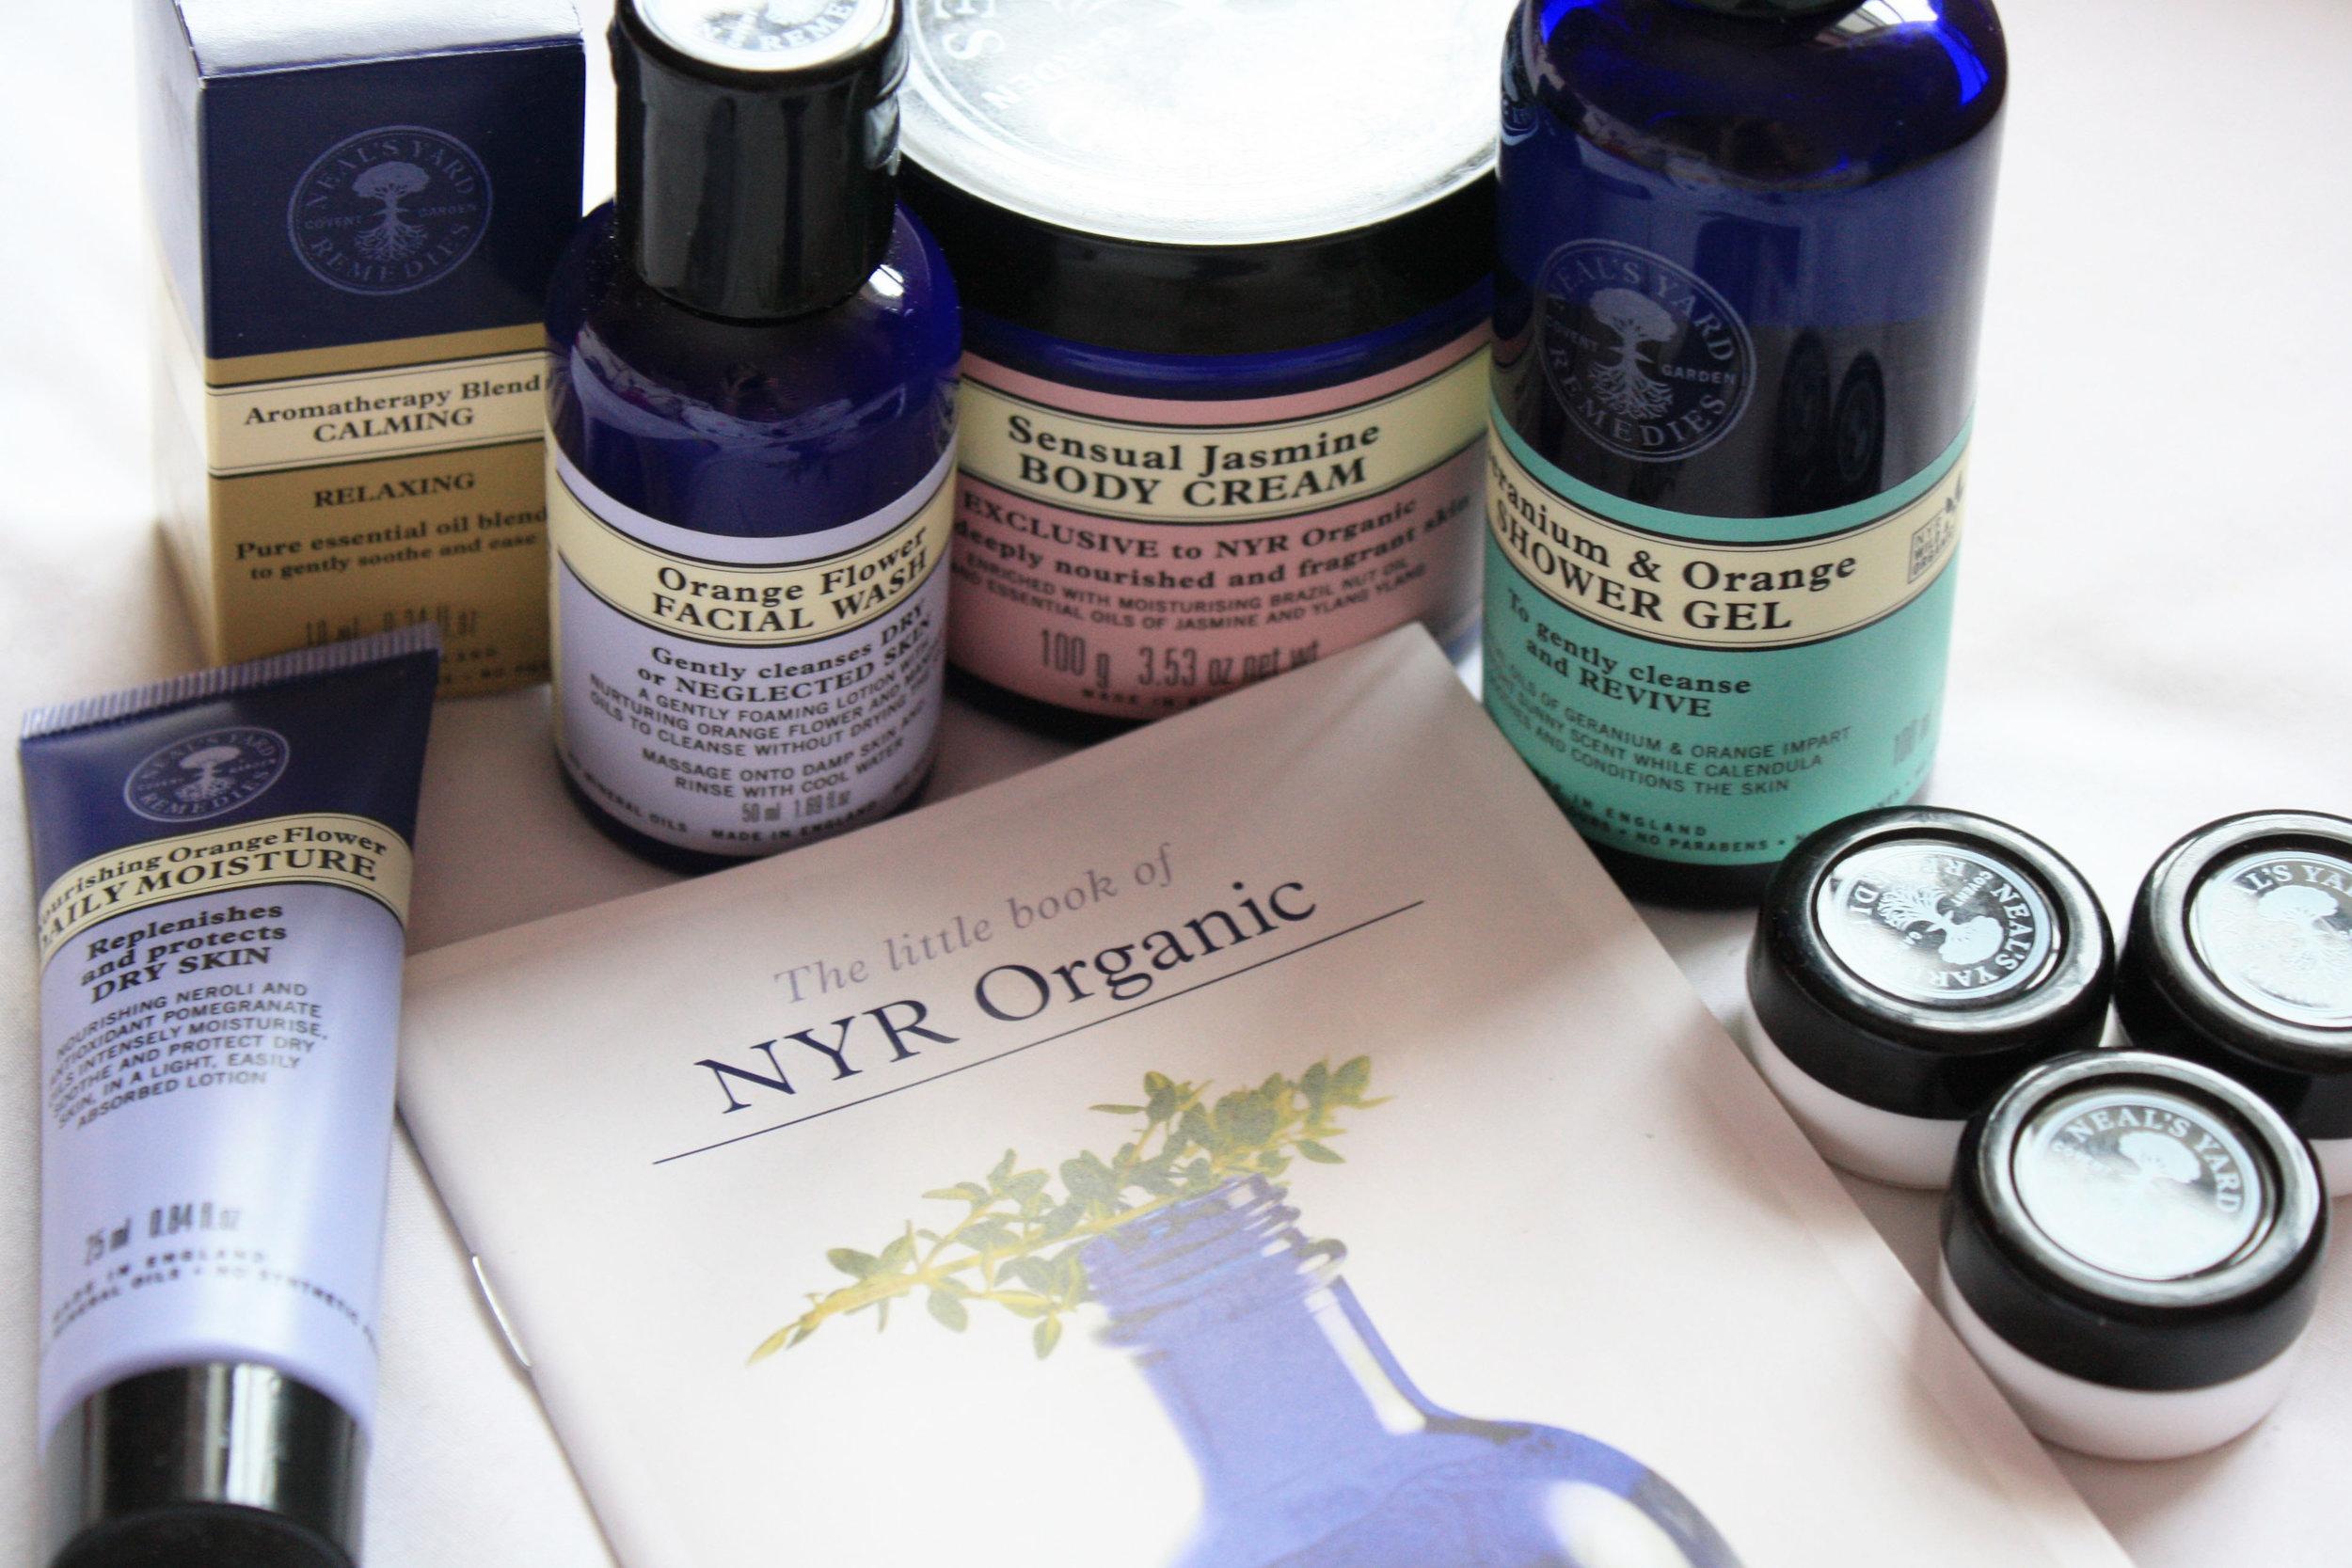 Des produits 100% naturels, biologiques et accessibles !